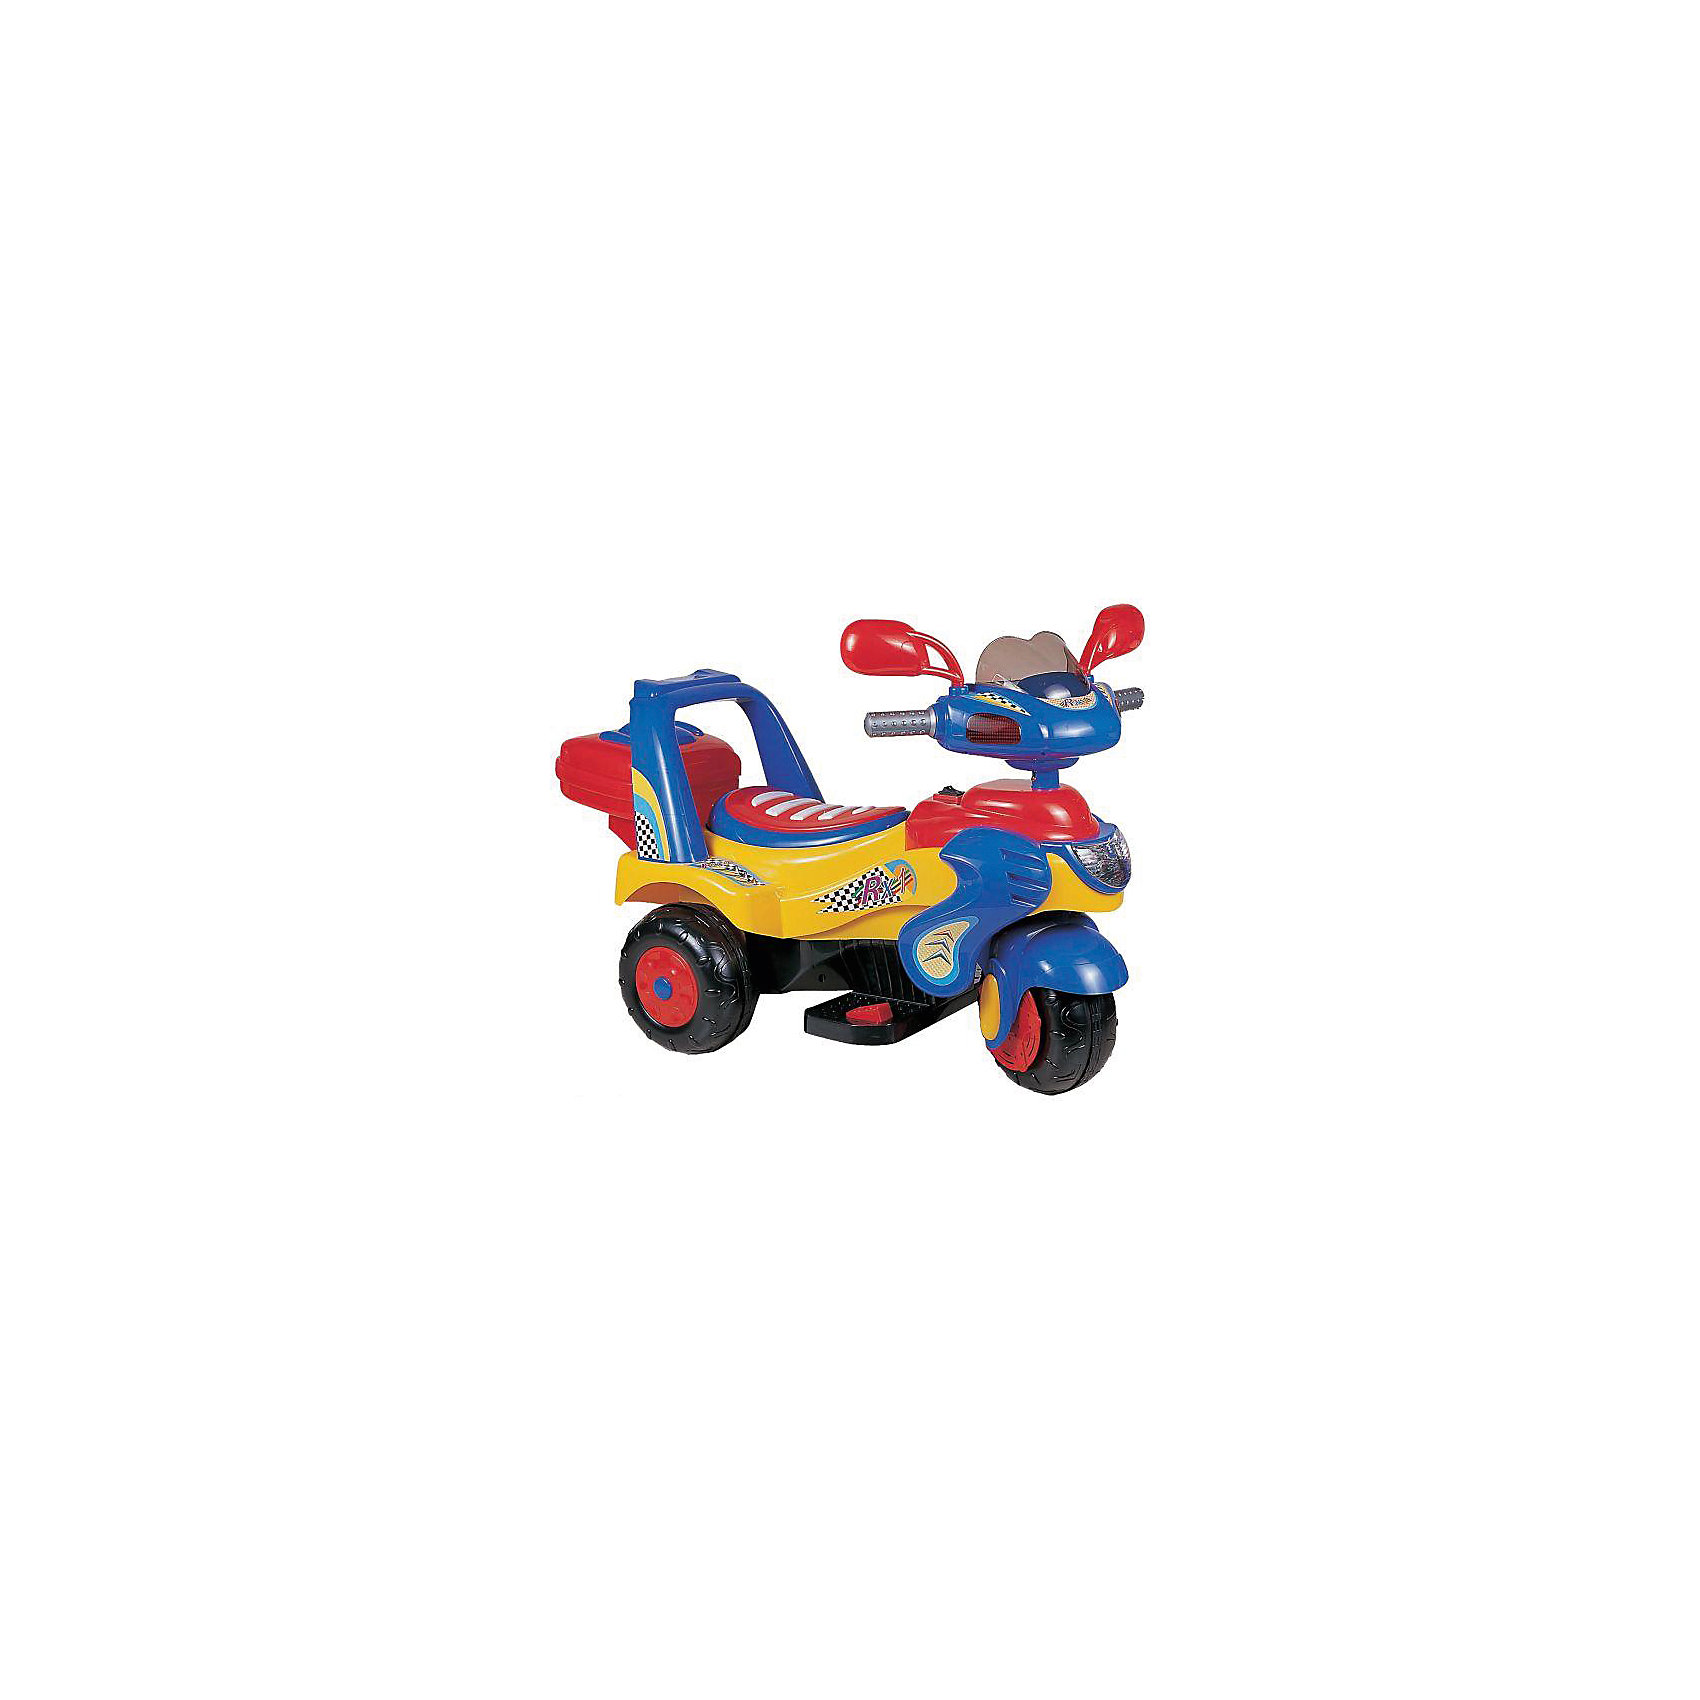 Мотоцикл на аккумуляторе, BugatiЭлектромобили<br>Мотоцикл Bugati на аккумуляторах трехколесный - аккумулятор 6v4,5ah - мотор 15w - максимальная скорость: 2,5 км/час - световые и звуковые функции - движение вперед и назад - задний бардачок - боковые зеркала - резиновые вставки на колесах - габариты: 94х50х63 см - максимальная нагрузка: 30 кг - вес-нетто 9,6 кг.<br><br>Ширина мм: 480<br>Глубина мм: 380<br>Высота мм: 700<br>Вес г: 9600<br>Возраст от месяцев: 36<br>Возраст до месяцев: 96<br>Пол: Мужской<br>Возраст: Детский<br>SKU: 5530238